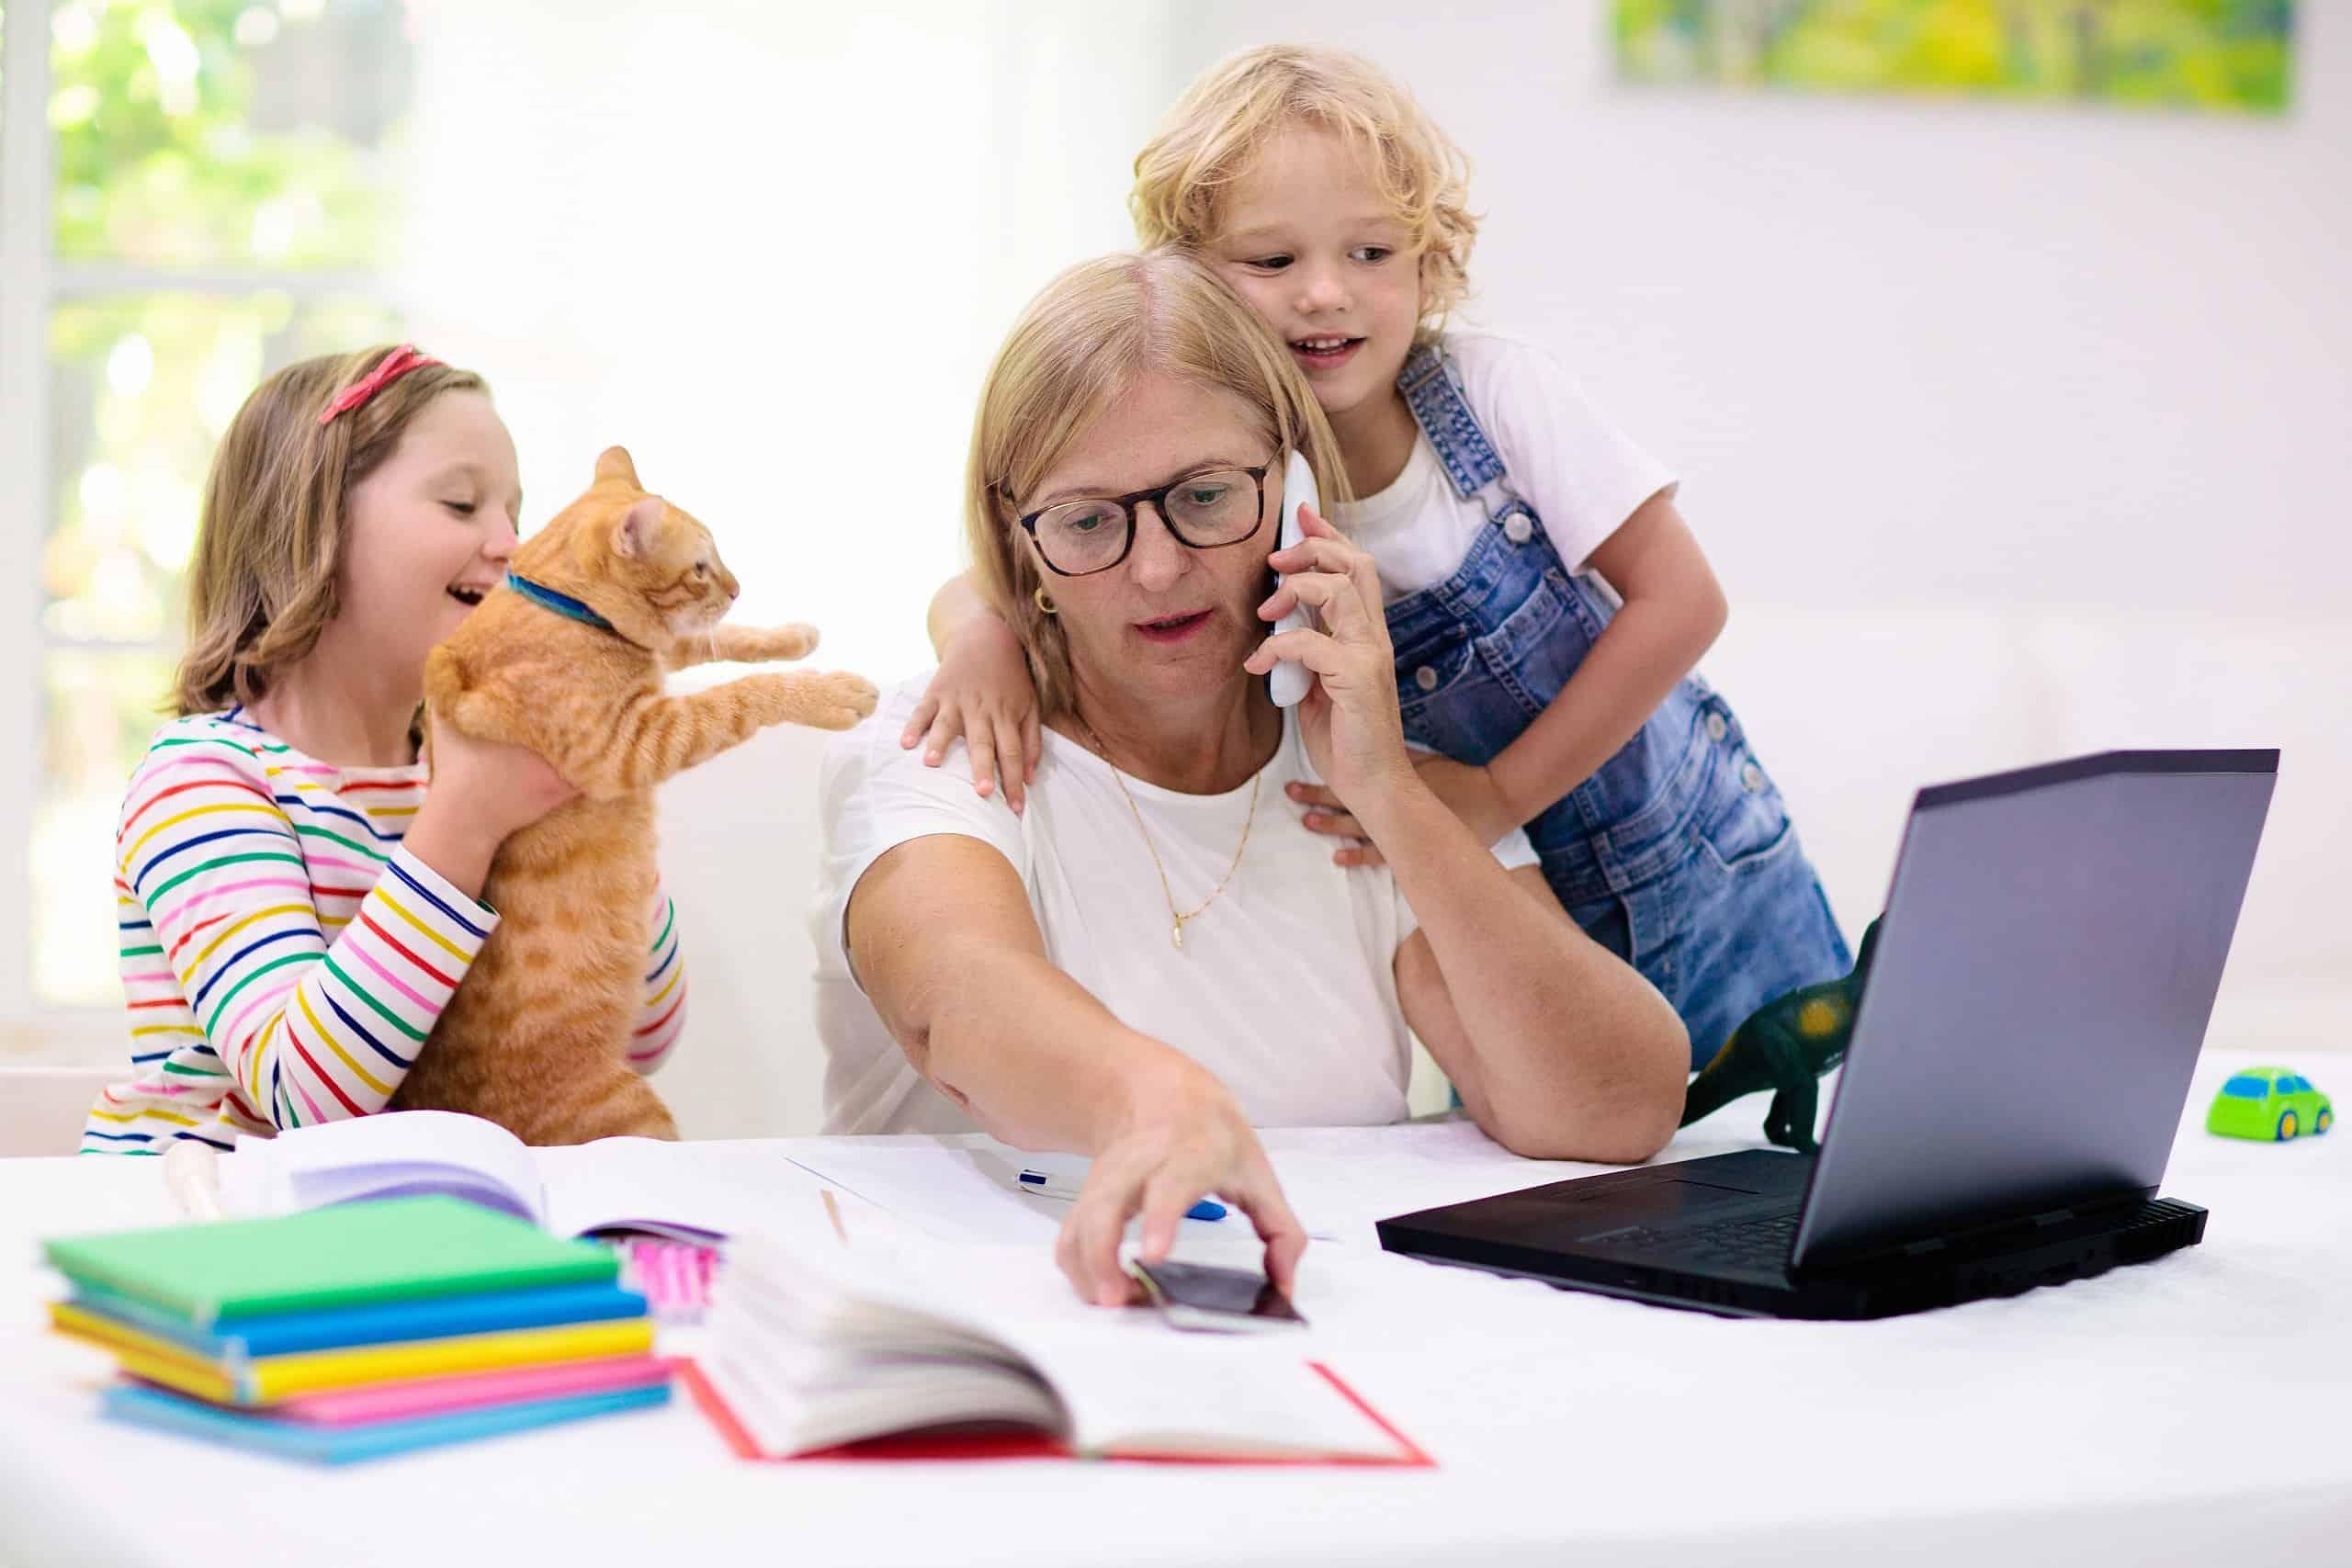 Mutter im Homeoffice mit zwei spielenden Kindern - Verdienstausfallentschädigung wegen Kinderbetreuung